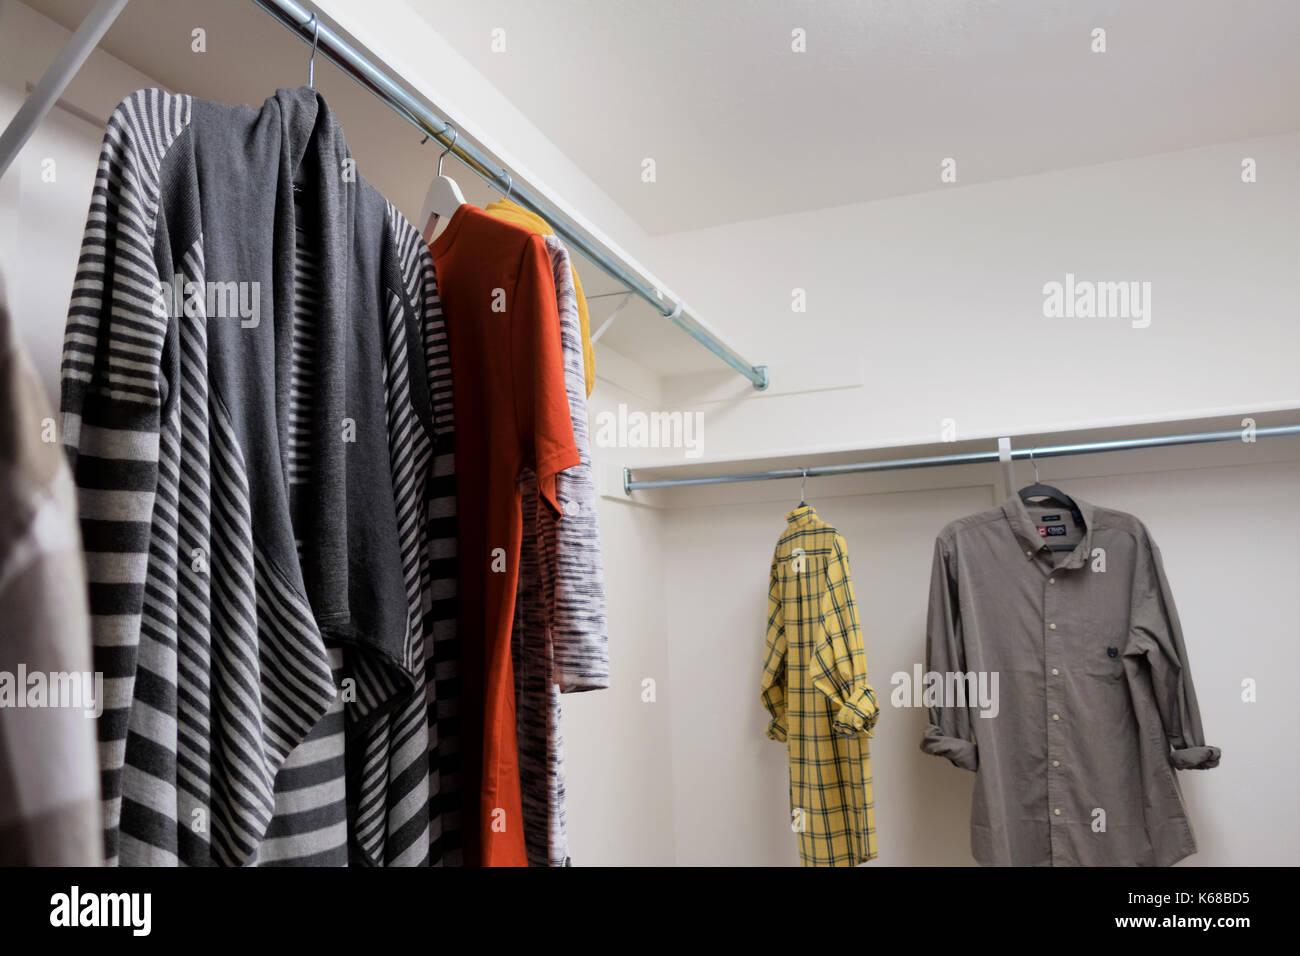 Un vestidor con camisetas de manga corta del hombre y la mujer suéteres y bufandas. Foto de stock